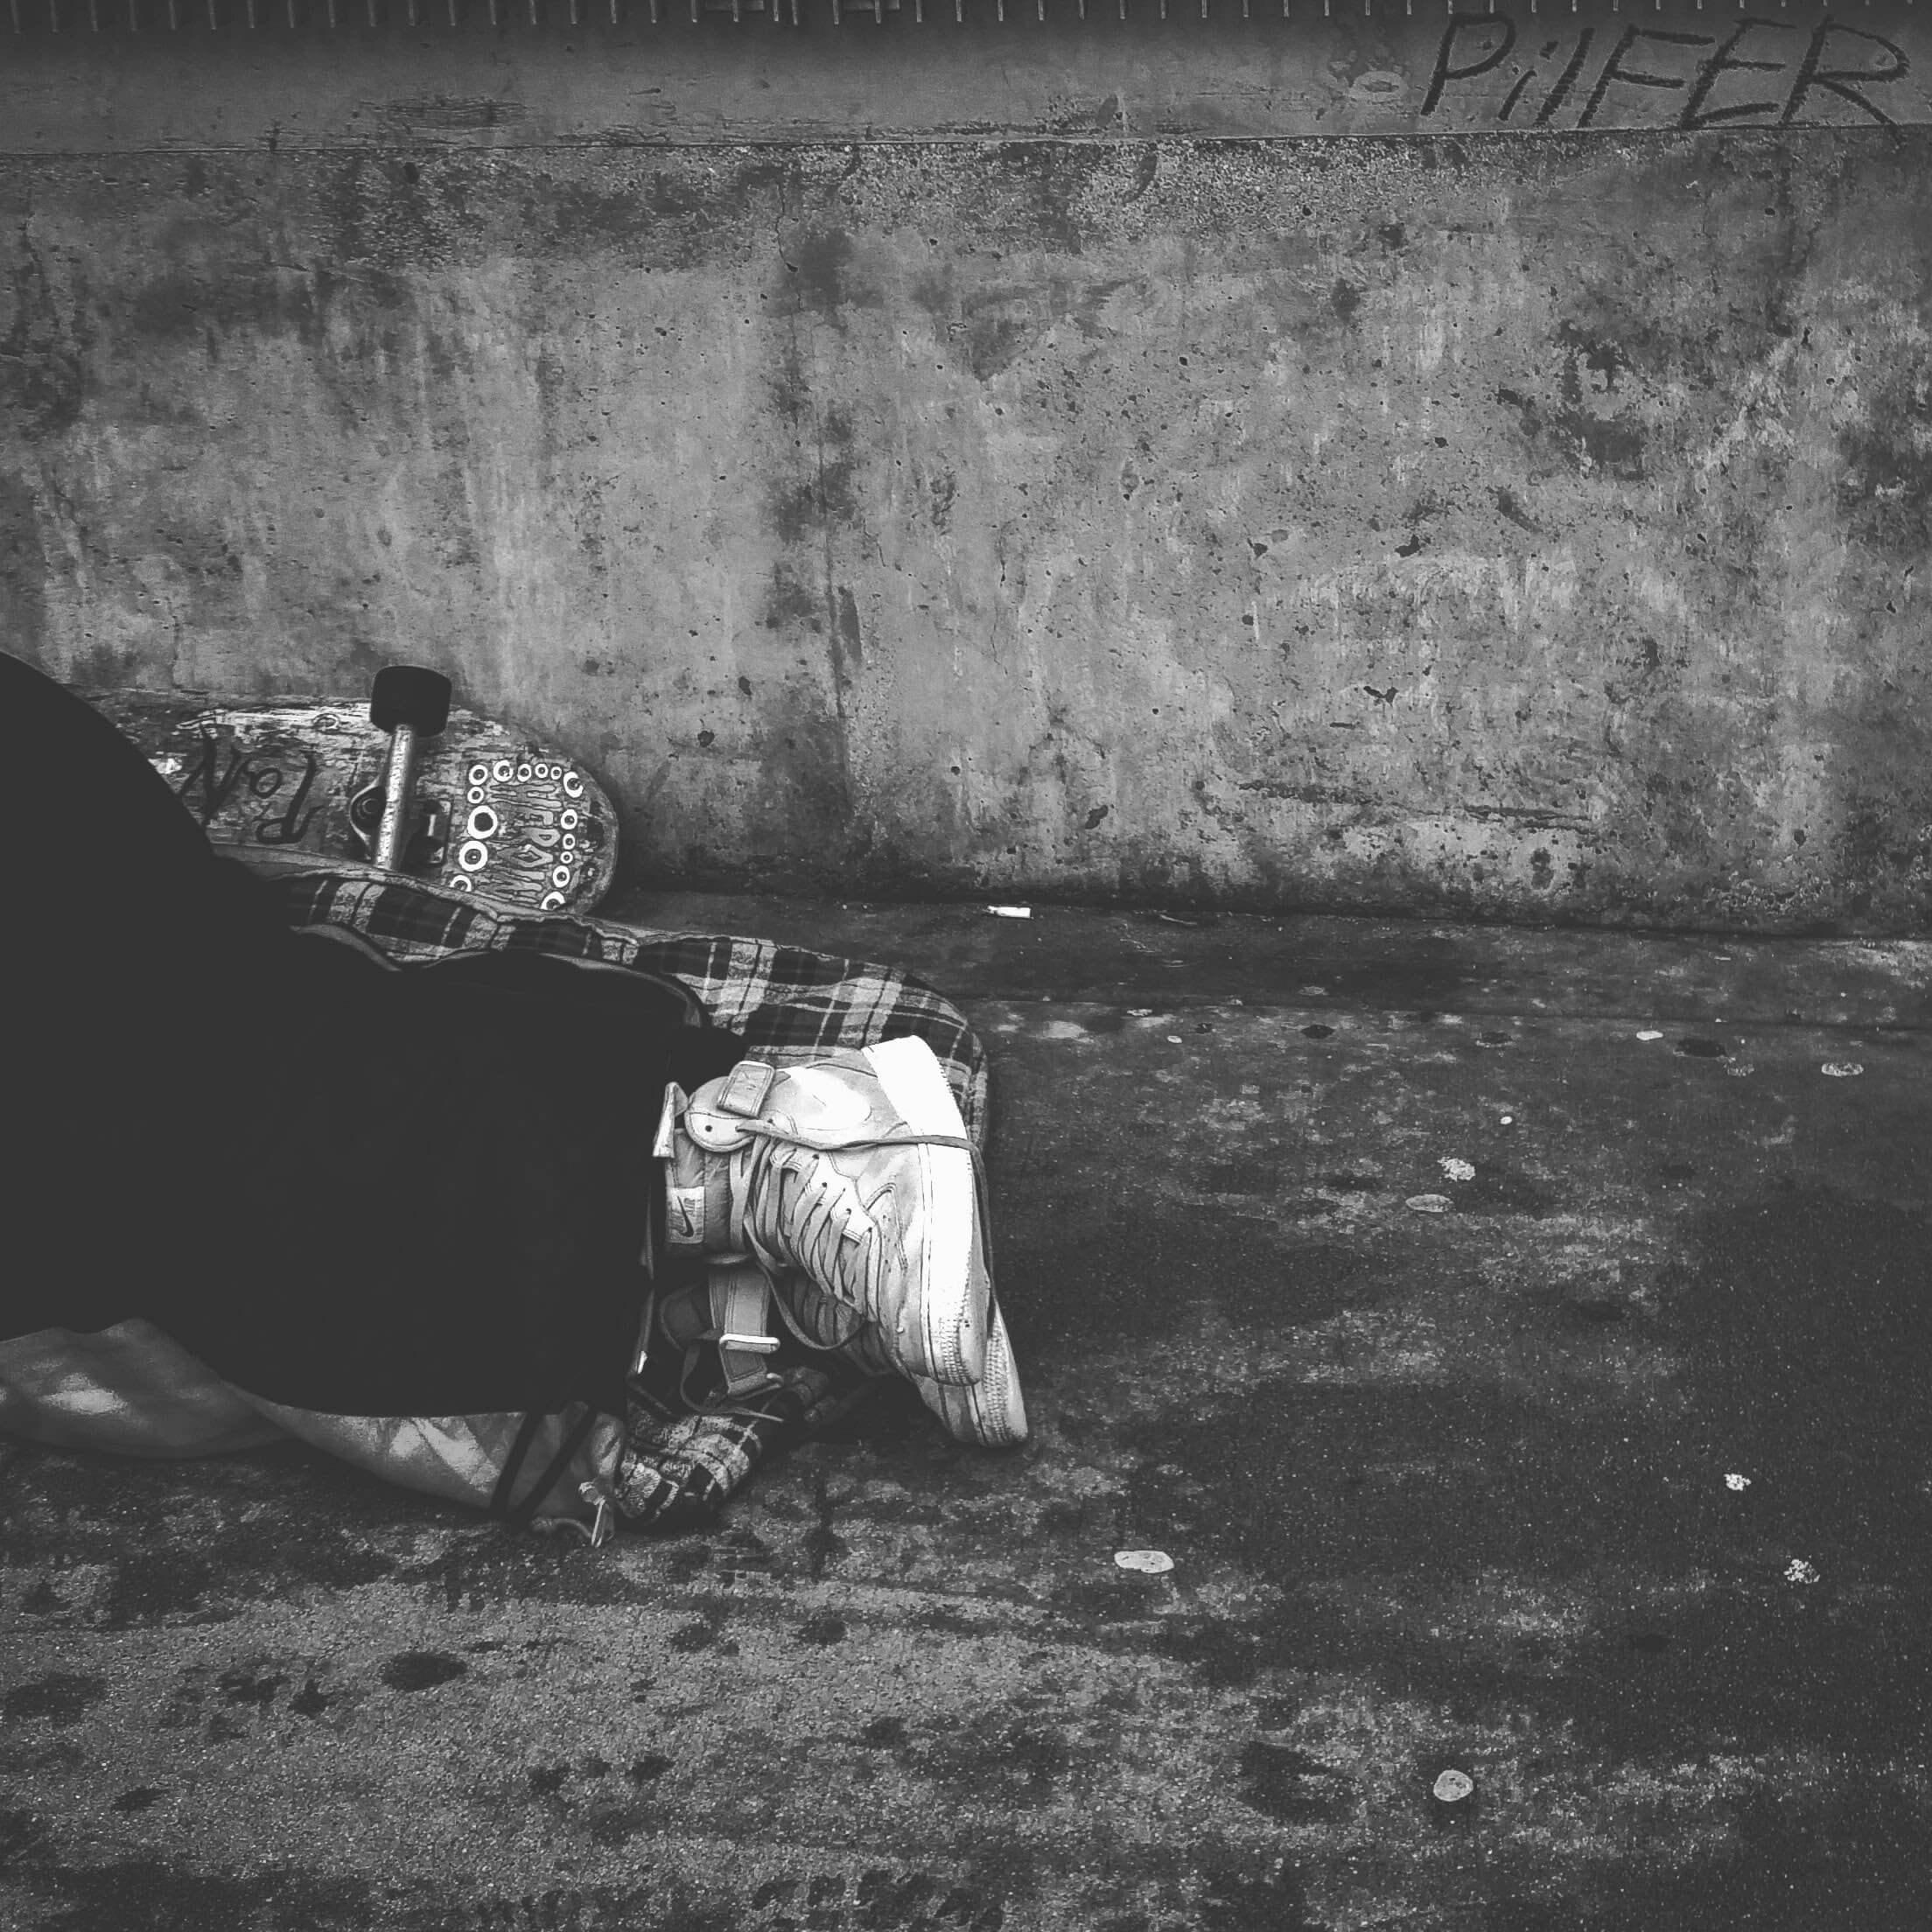 Hjemløs, fattig